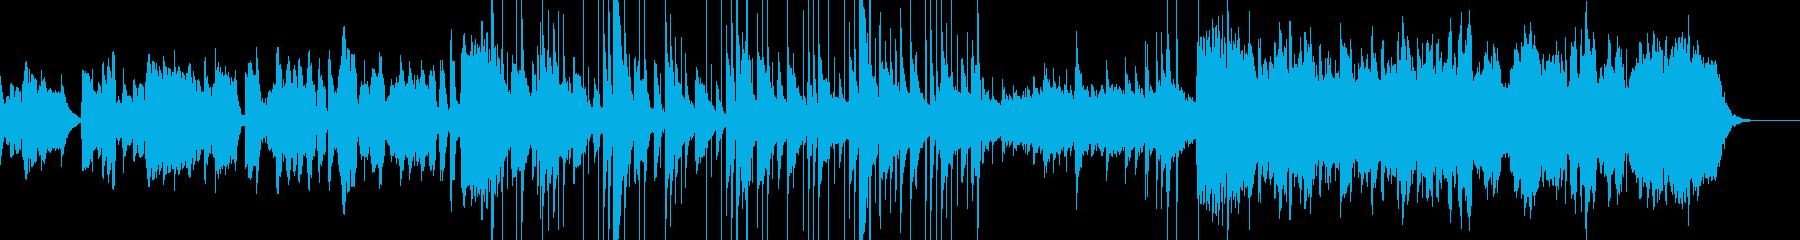 神秘的なRPGの村風ケルト楽曲の再生済みの波形